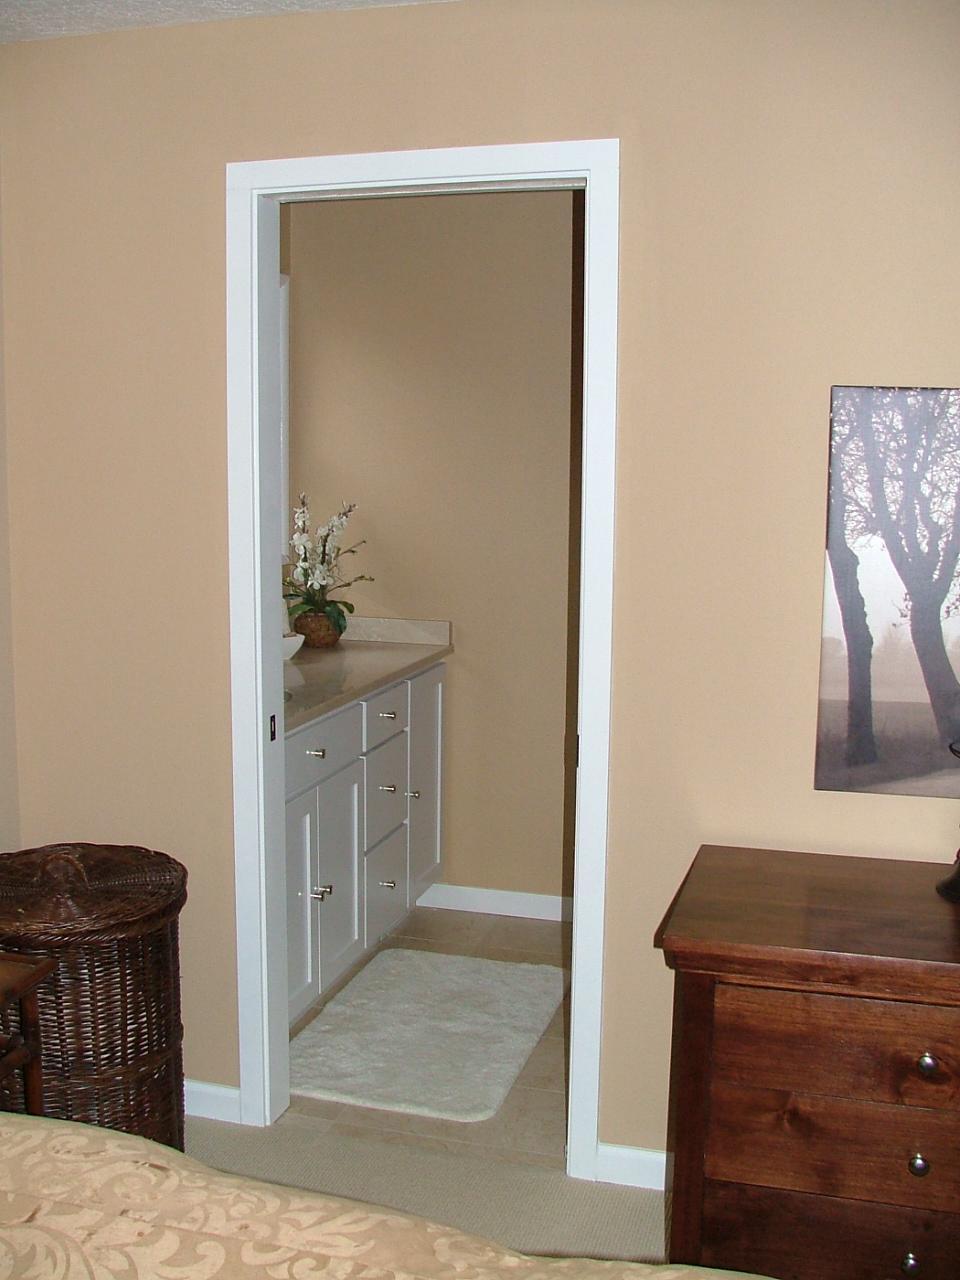 2 bathroom remodel - master bathroom-dscf0077.jpg